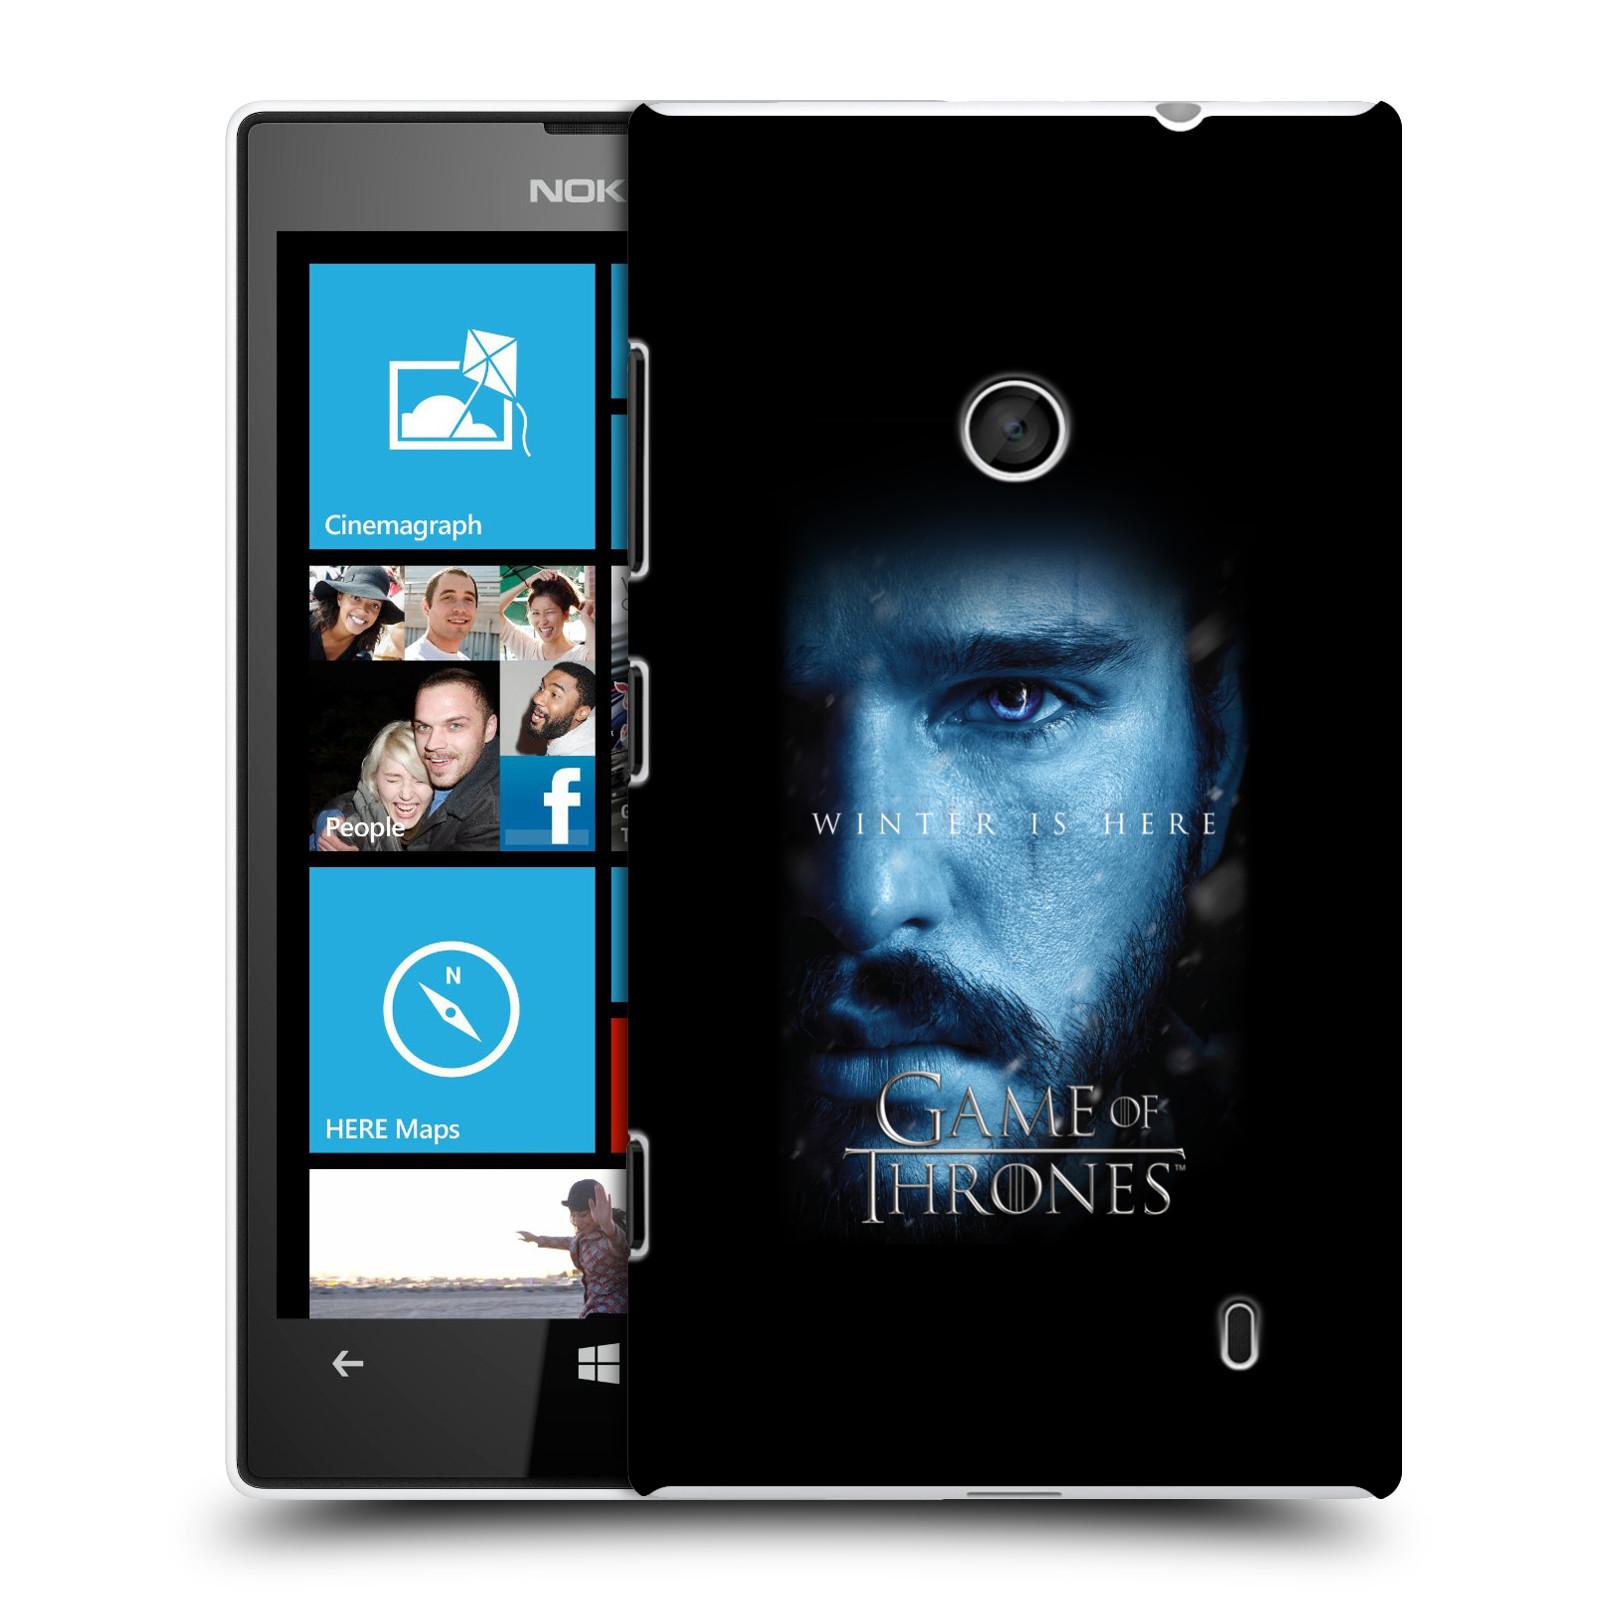 Plastové pouzdro na mobil Nokia Lumia 520 - Head Case - Hra o trůny - Jon Snow - Winter is here (Plastový kryt či obal na mobilní telefon s motivem Game of Thrones - Jon Snow - Winter is here - Season 7 pro Nokia Lumia 520 )